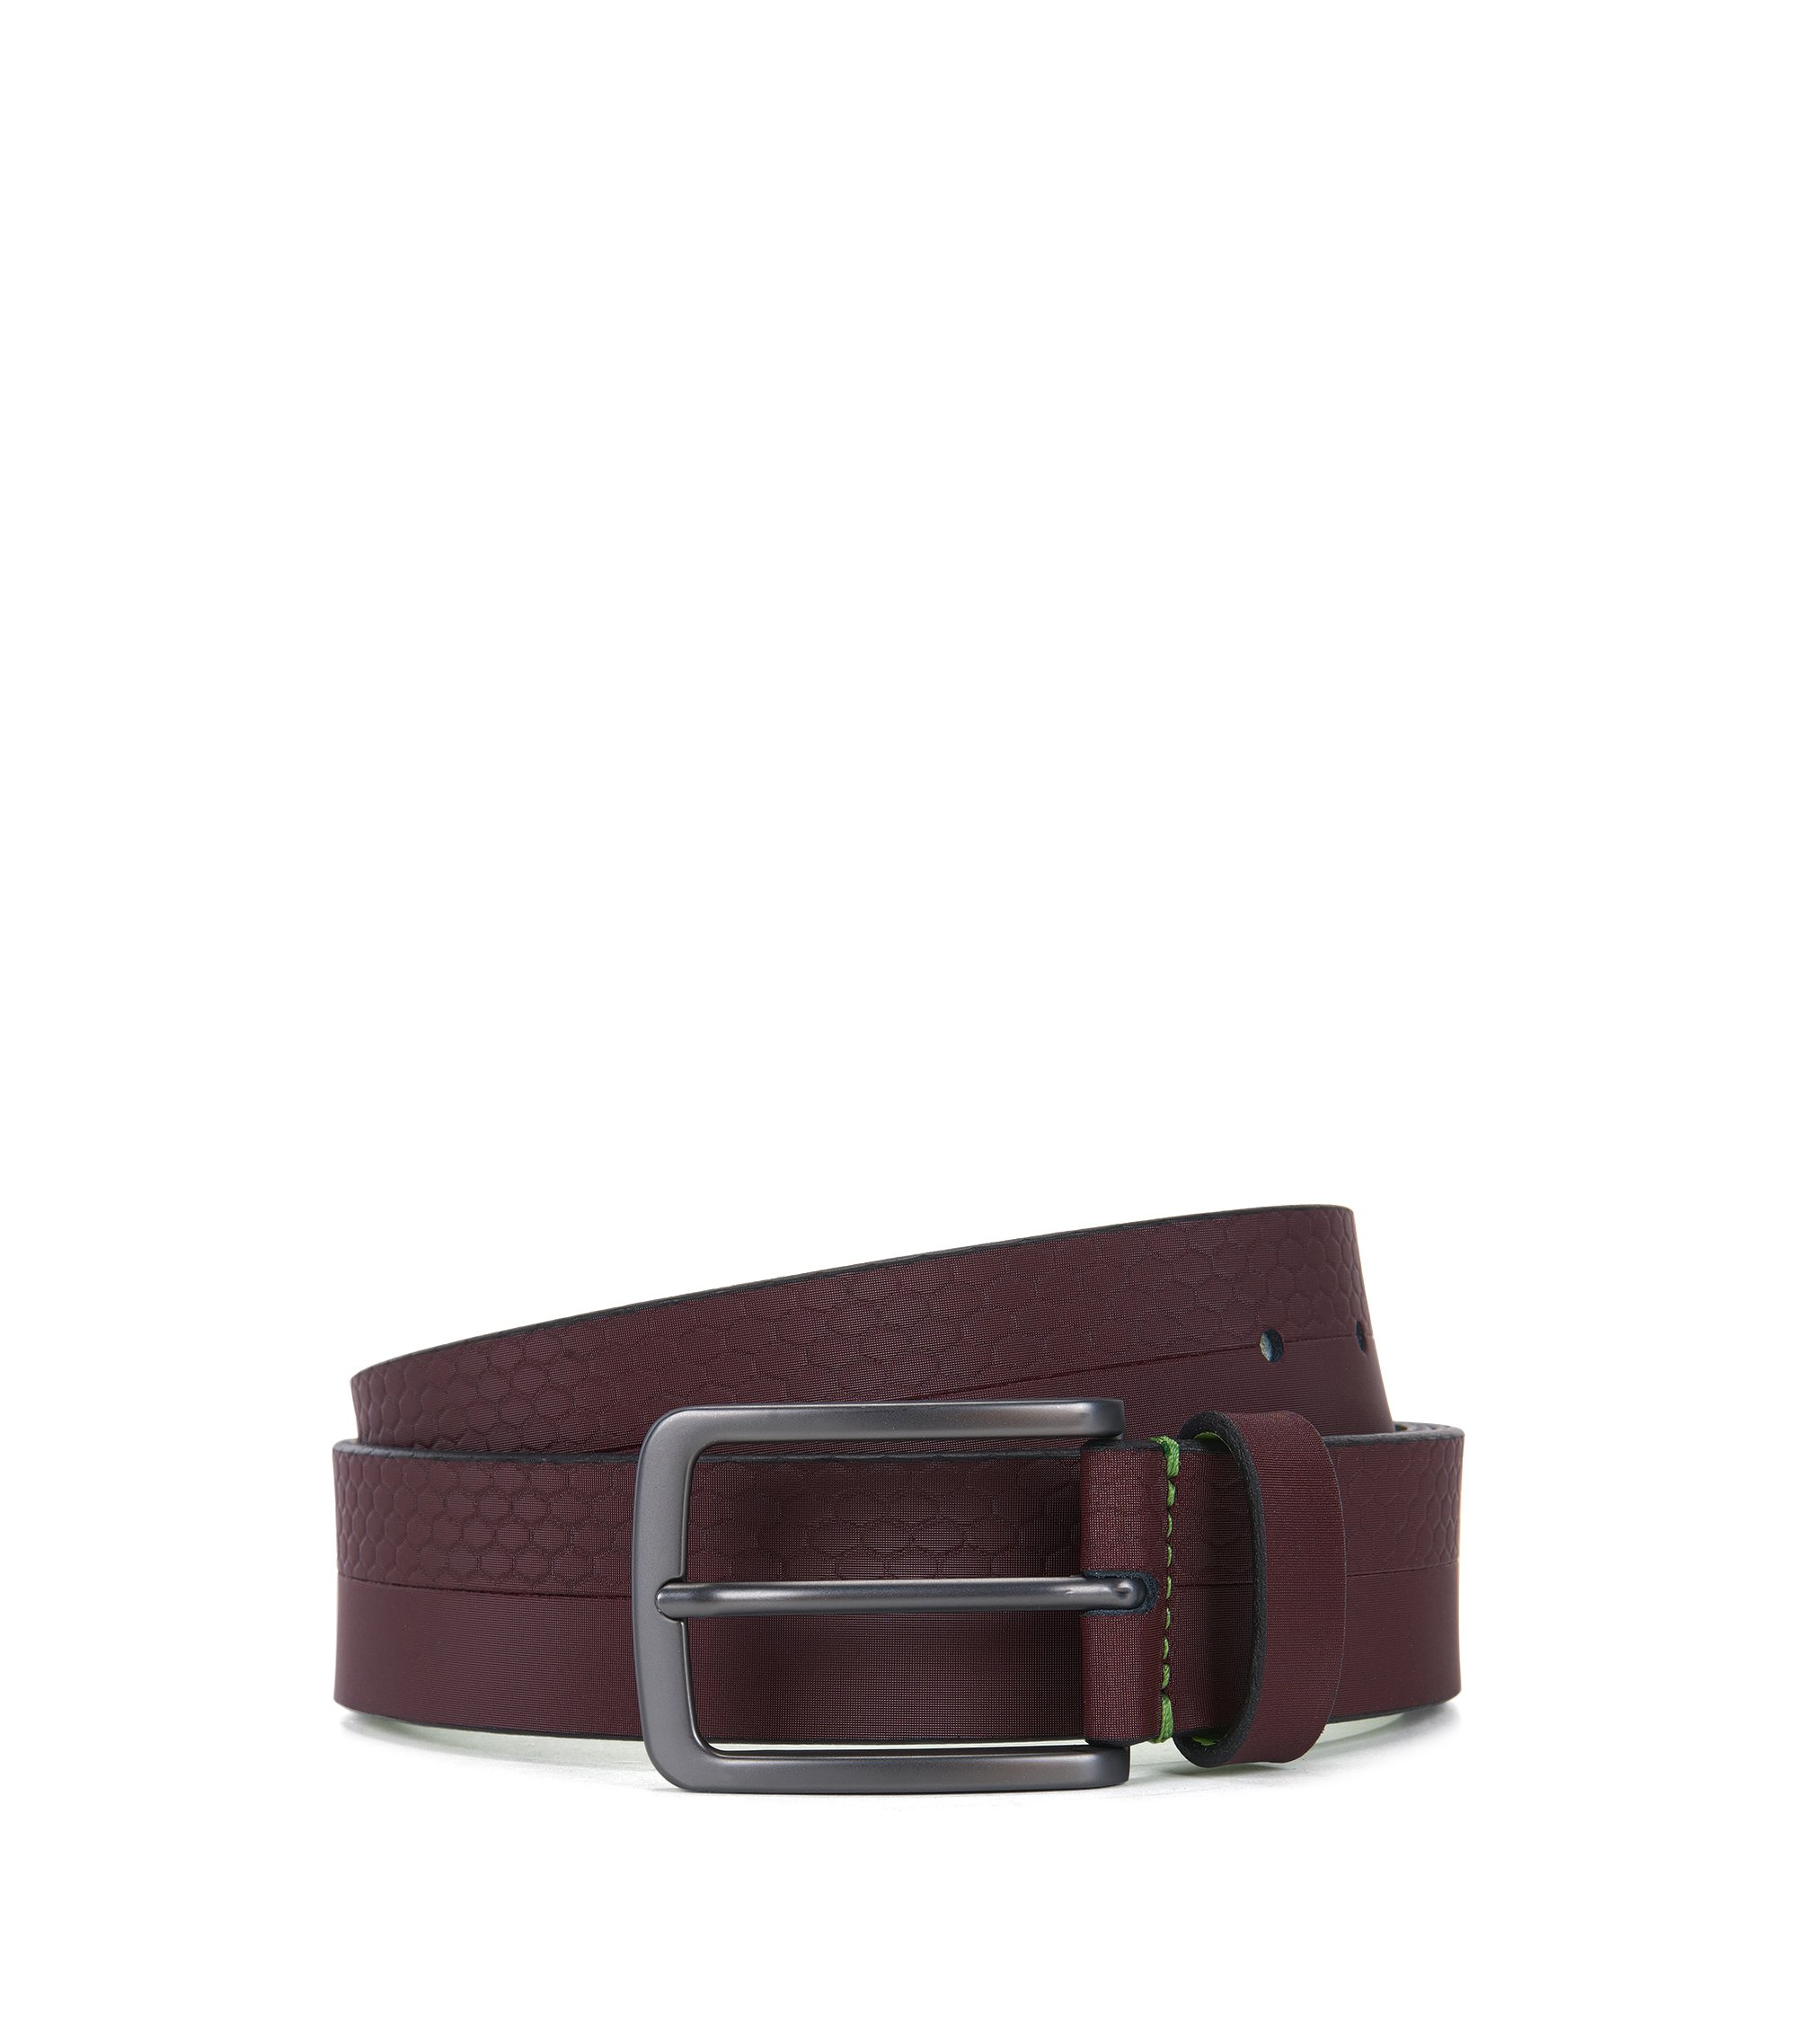 Leather Belt | Tali Sz Item, Red